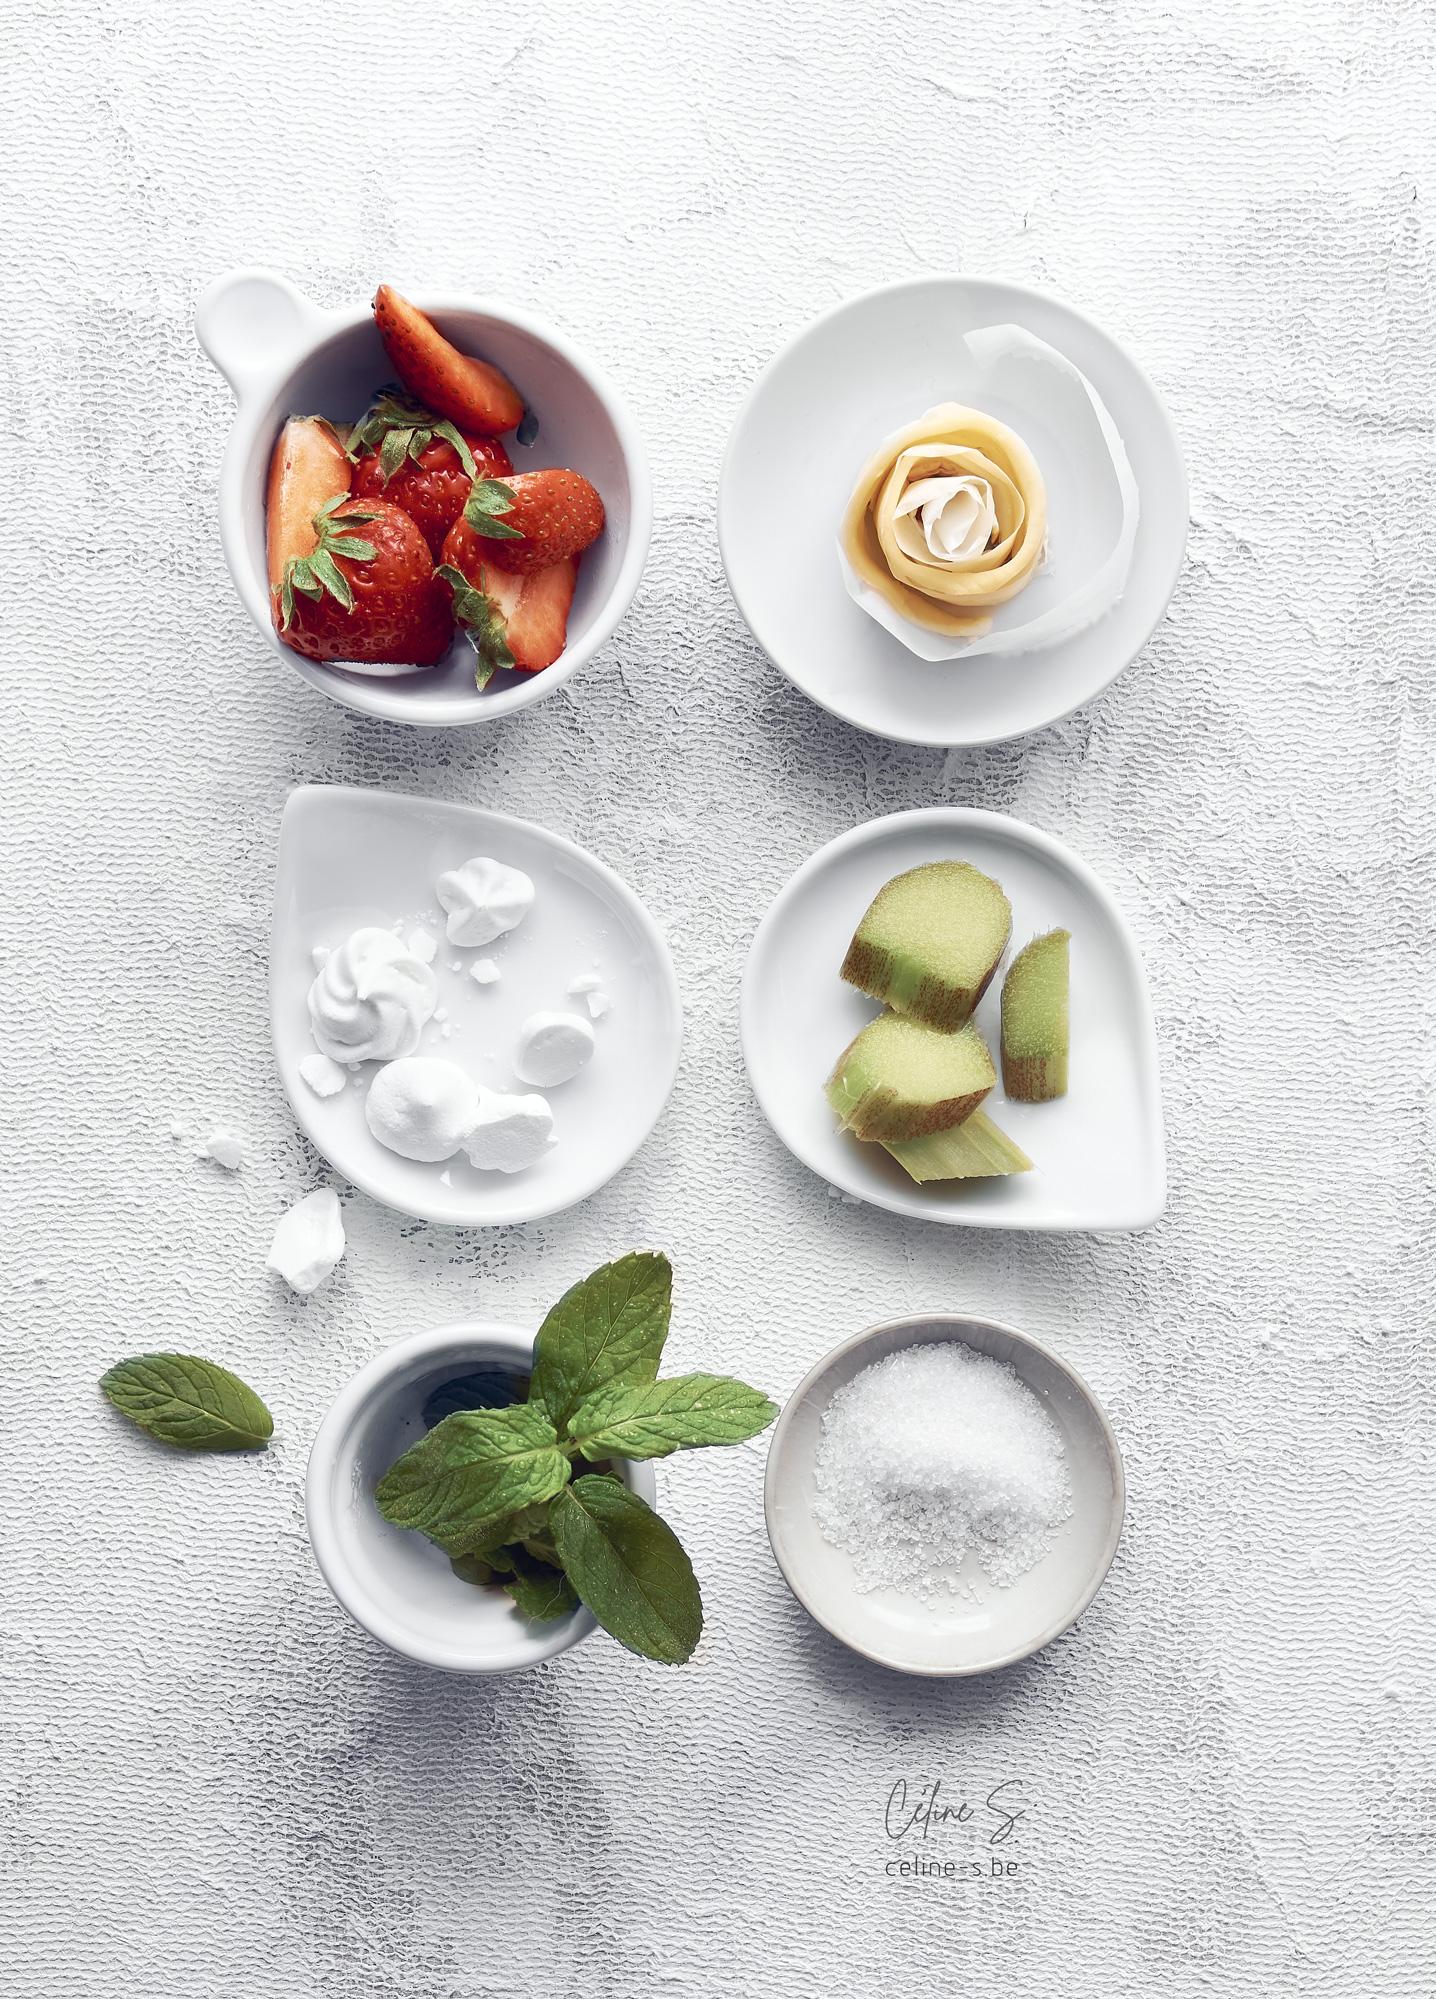 ingrédients de la tarte aux fraises fraîches et rhubarbe - recette de Céline Stiévenard, styliste et photographe culinaire